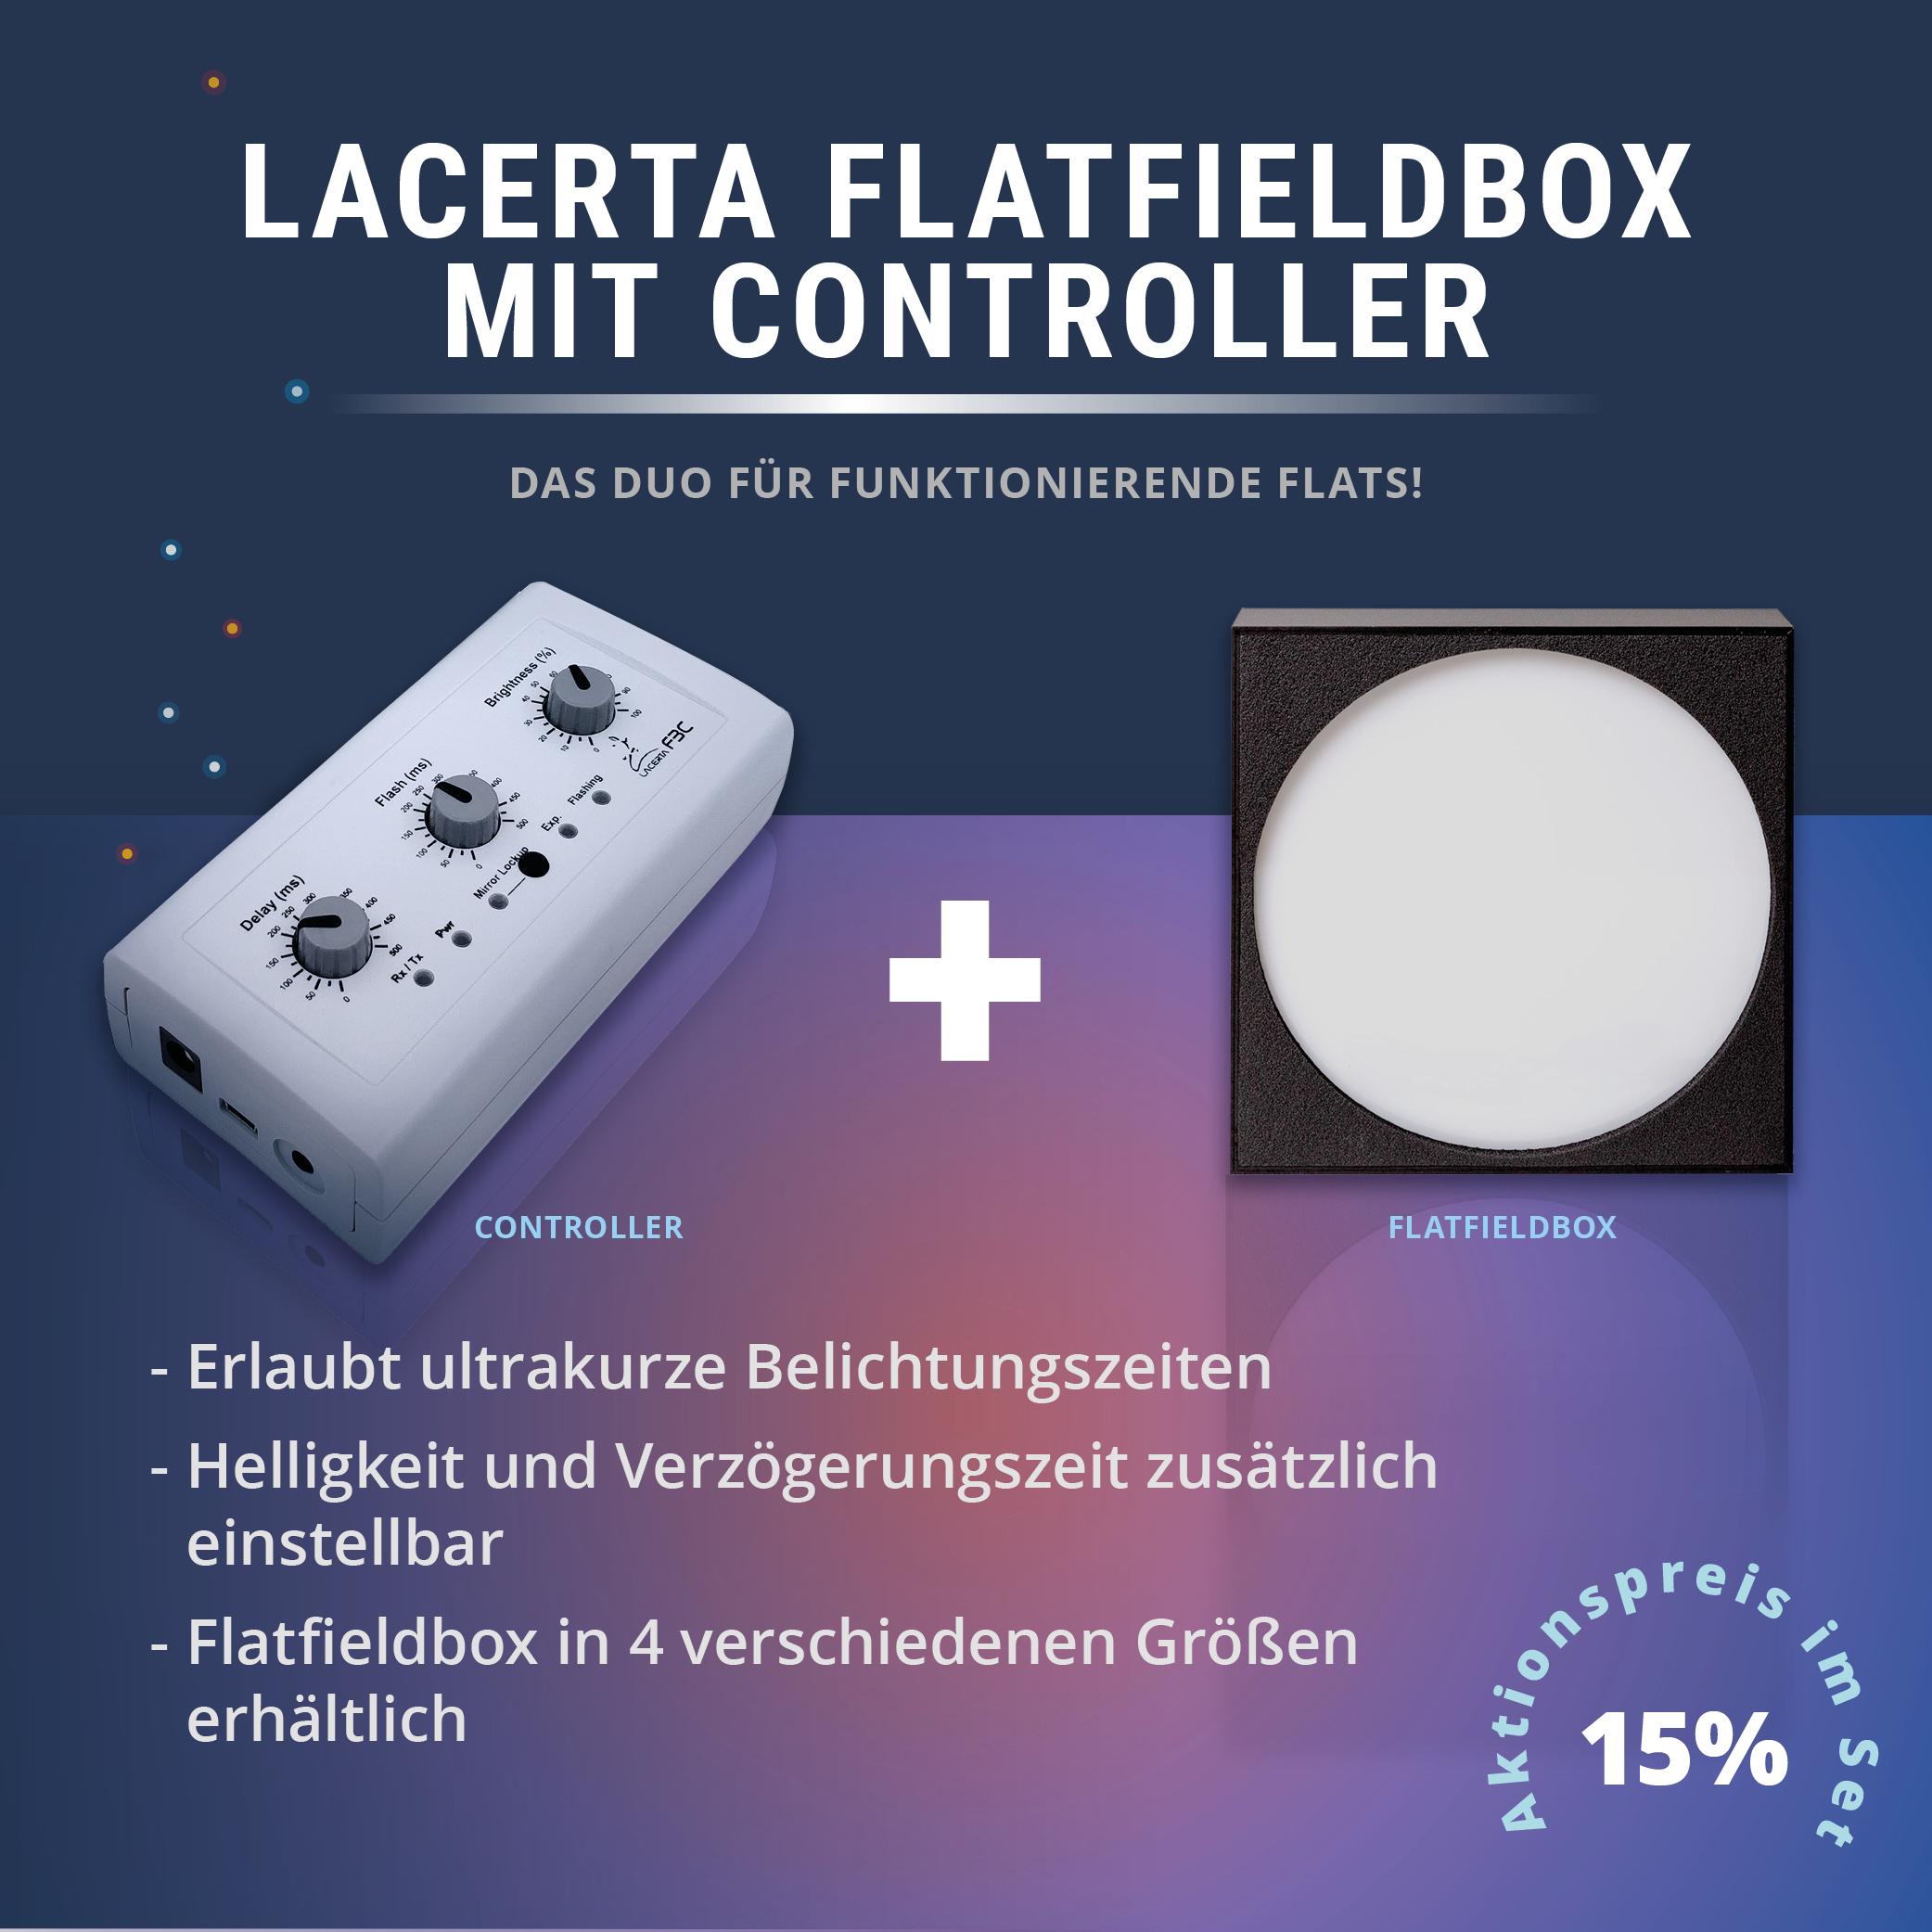 Lacerta Flat Box Controller (FBC) mit Flatfieldbox